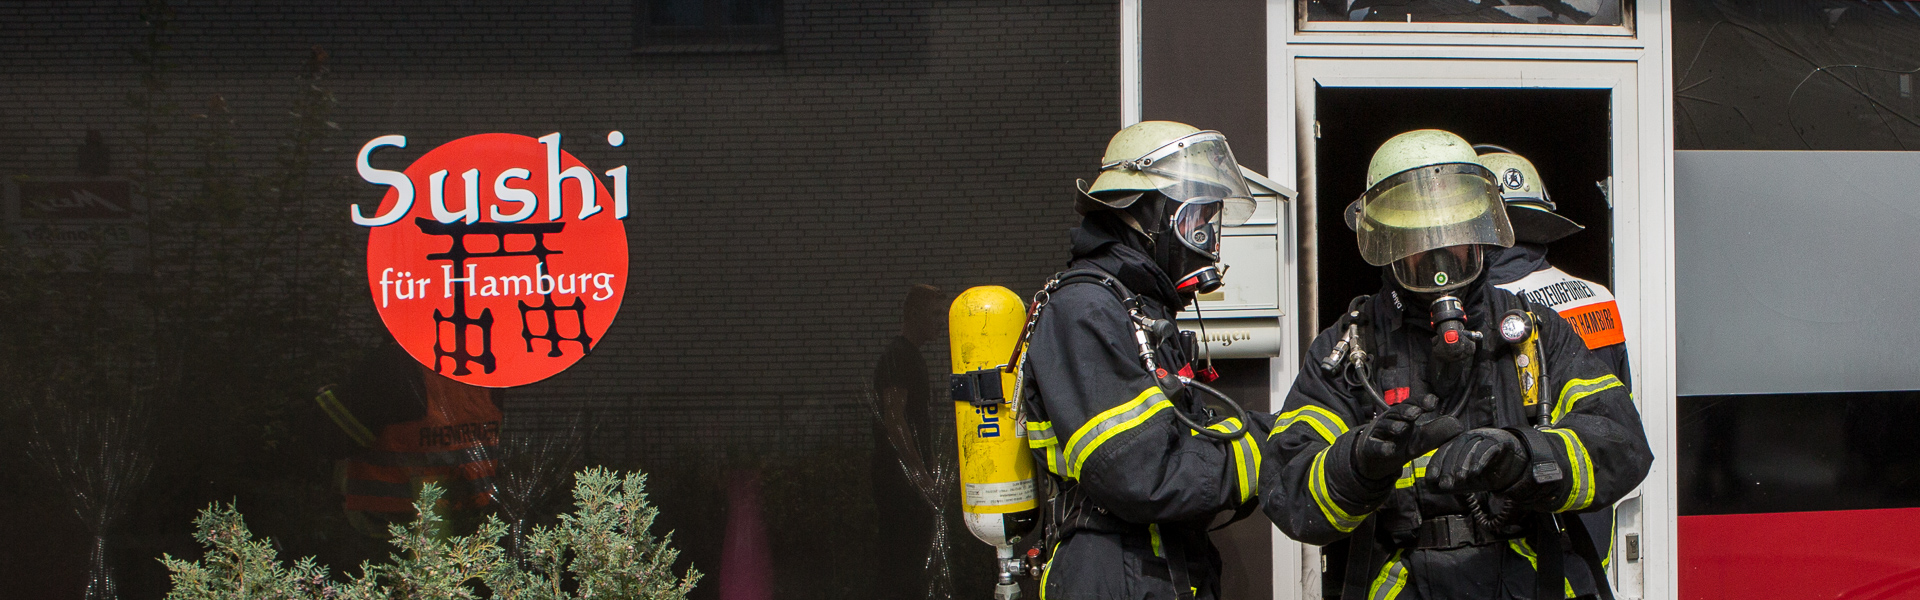 27.08.2017 –  Sushi Restaurant in Poppenbüttel ausgebrannt